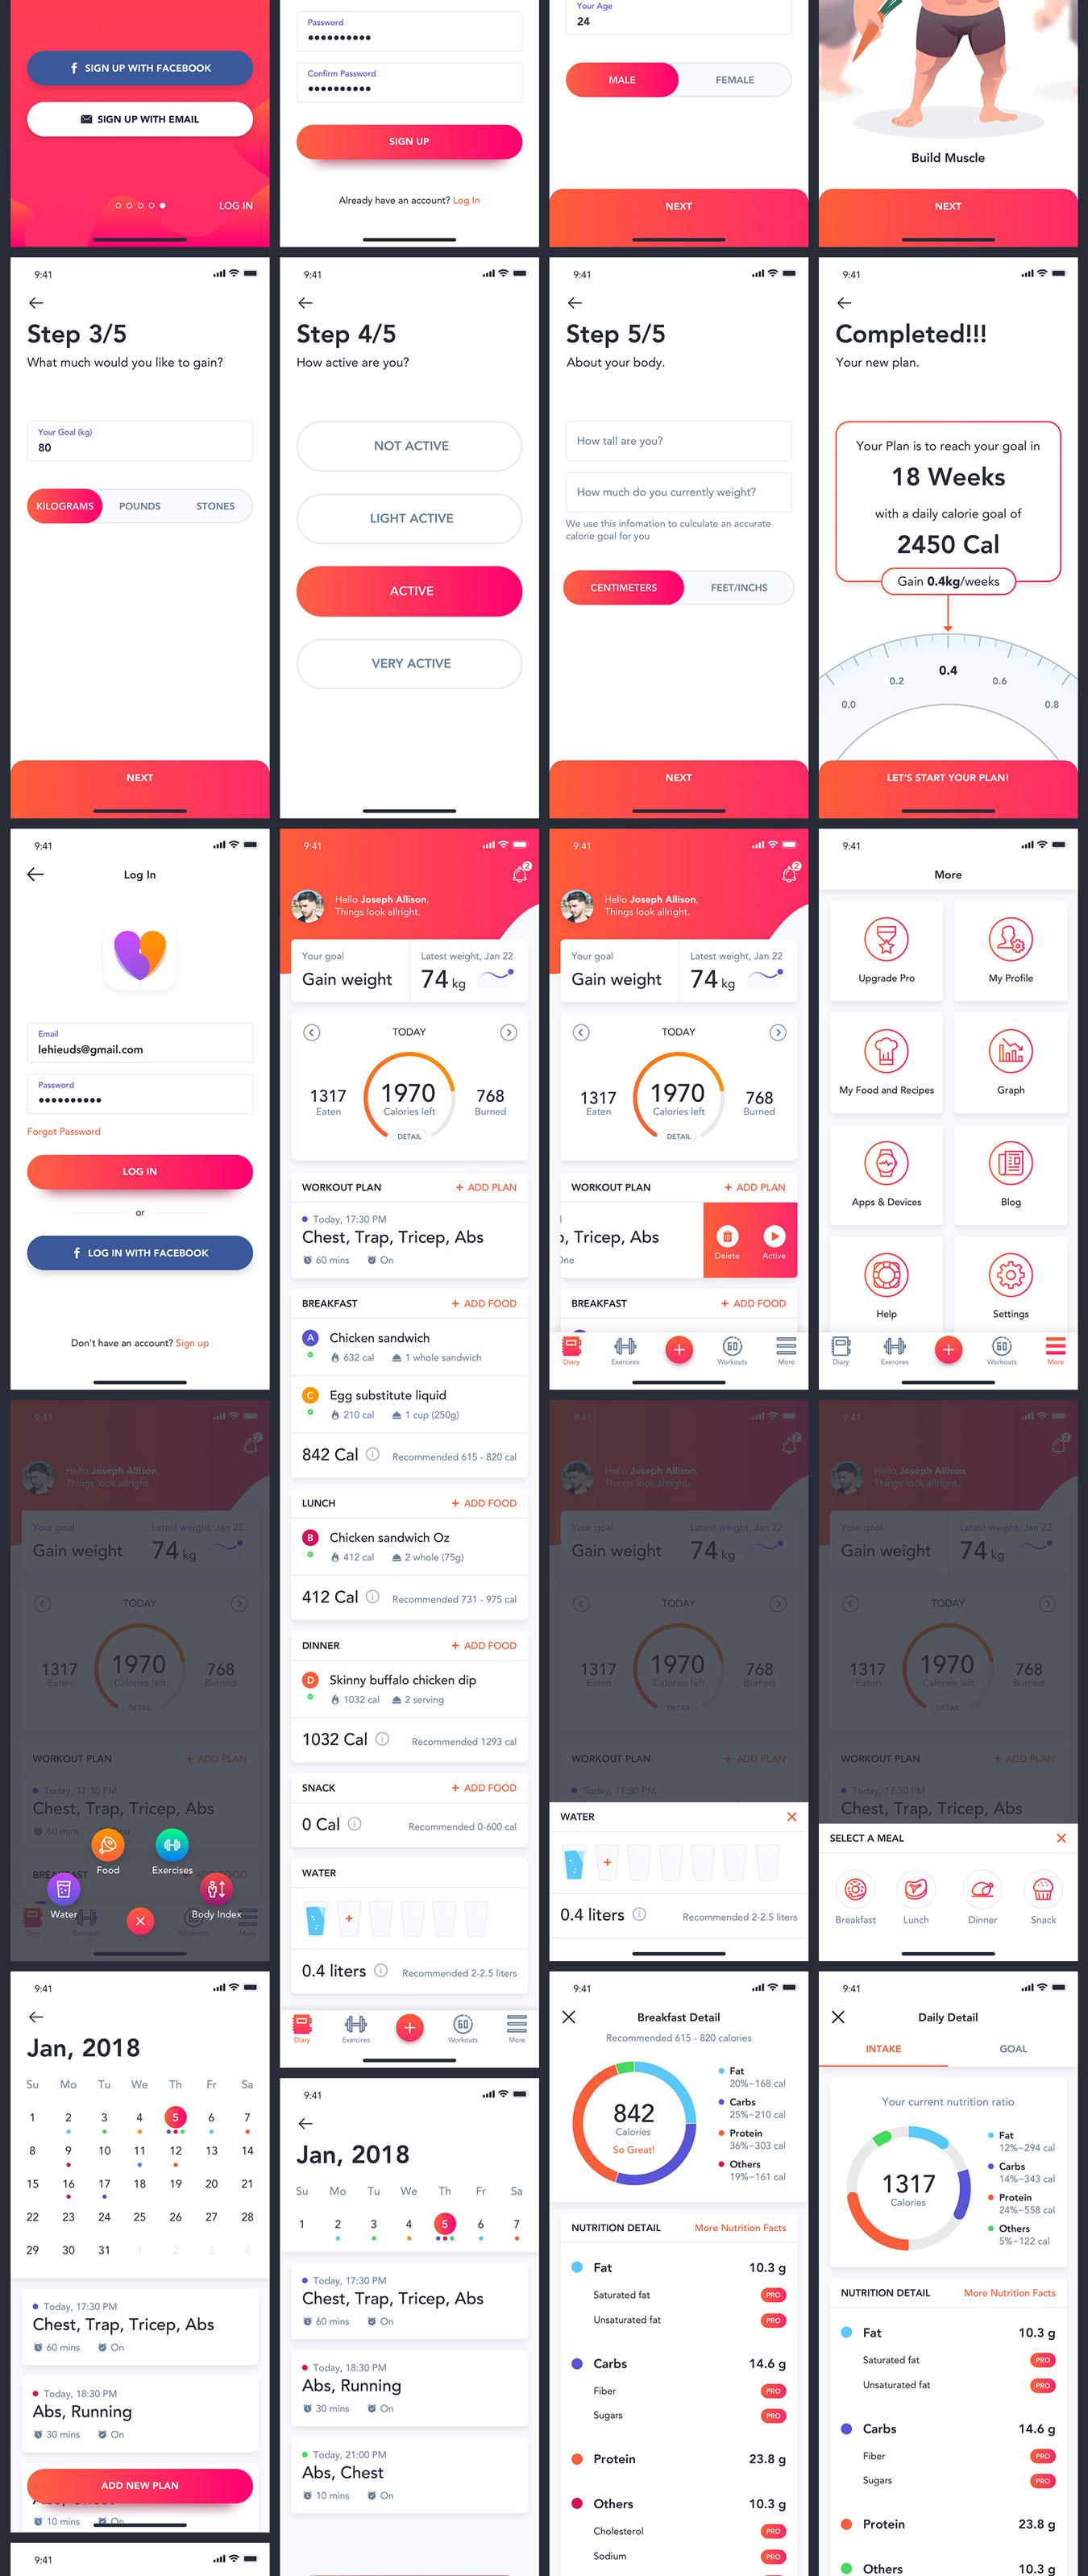 体能健康数据统计&健身培训iOS Apps UI套件 Fitness Love 2.0插图(9)